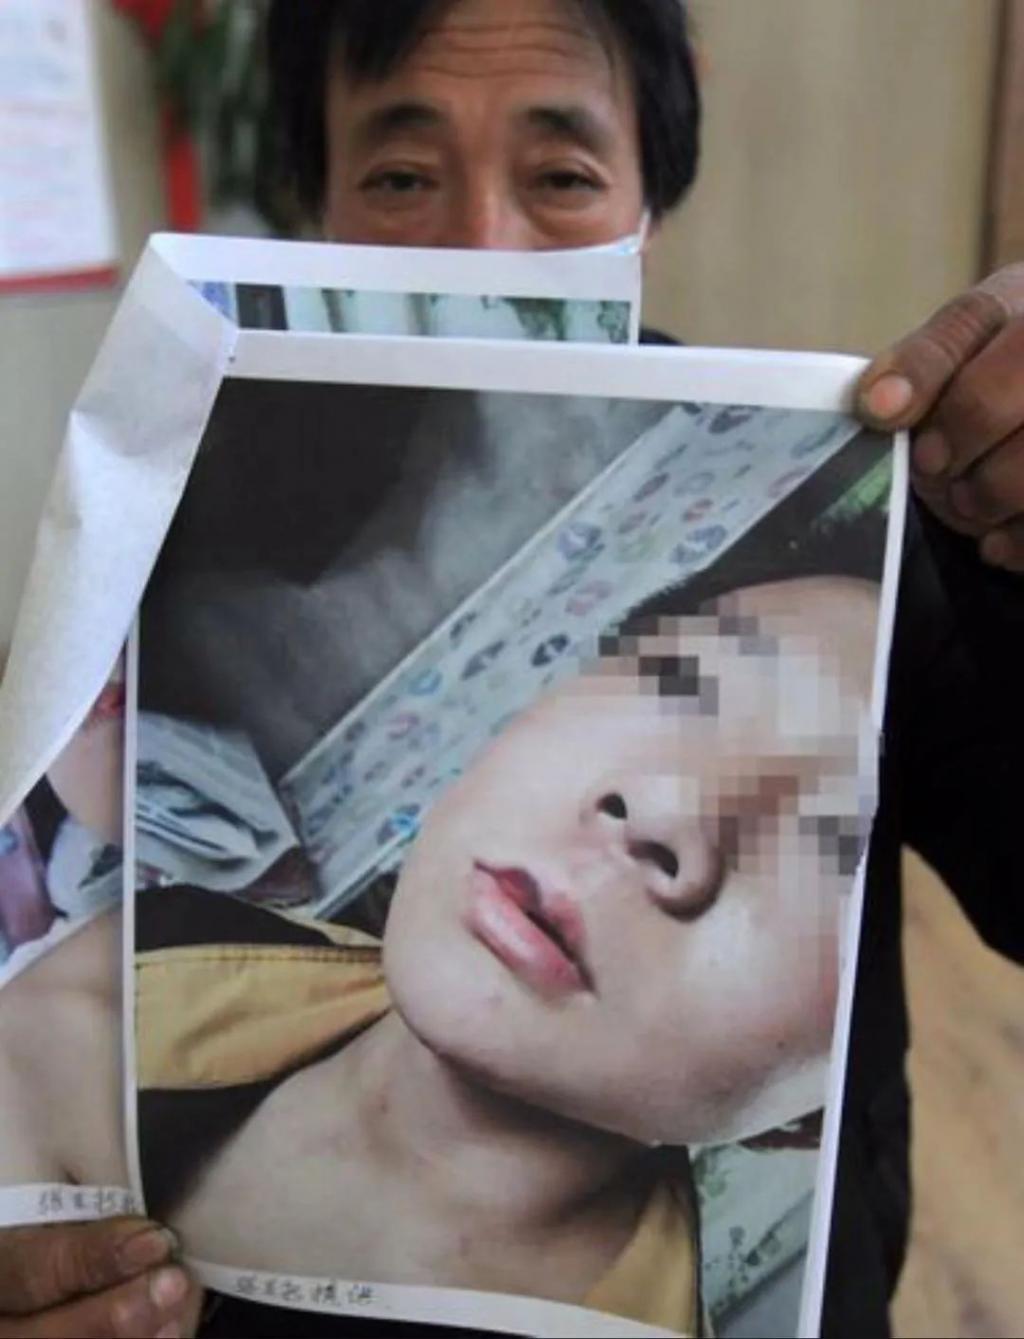 15岁孩子因琐事在学校被殴打 校方竟回避